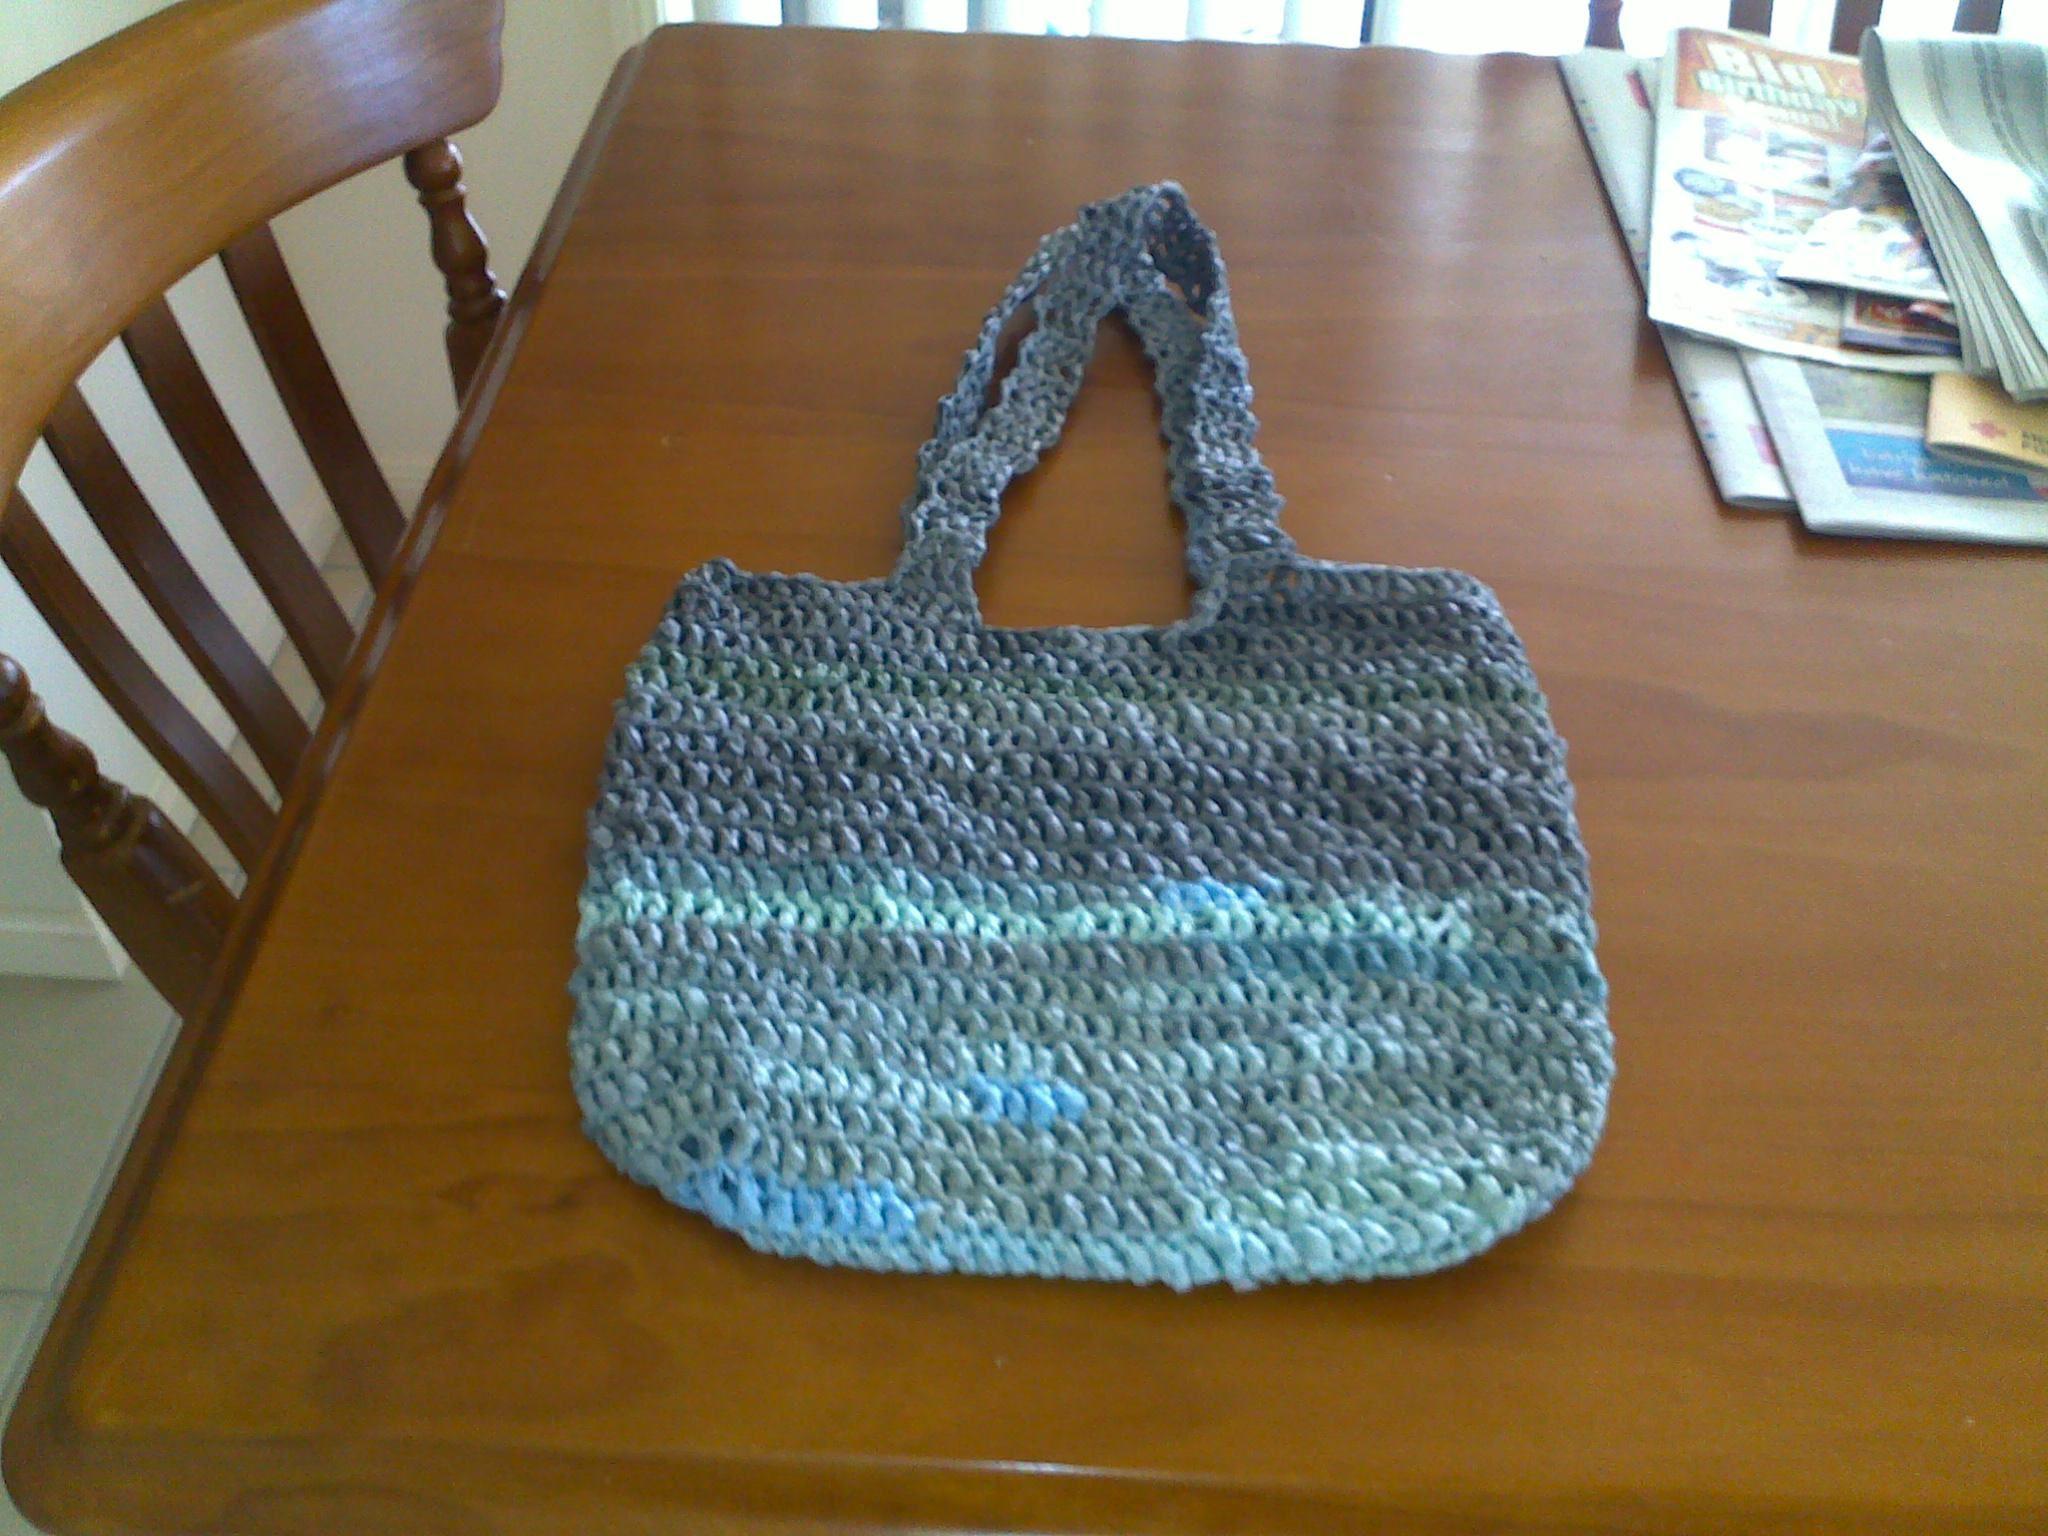 Crochet Shopping Bag Pattern : bag crochet from recycled shopping bags crochet patterns Pinterest